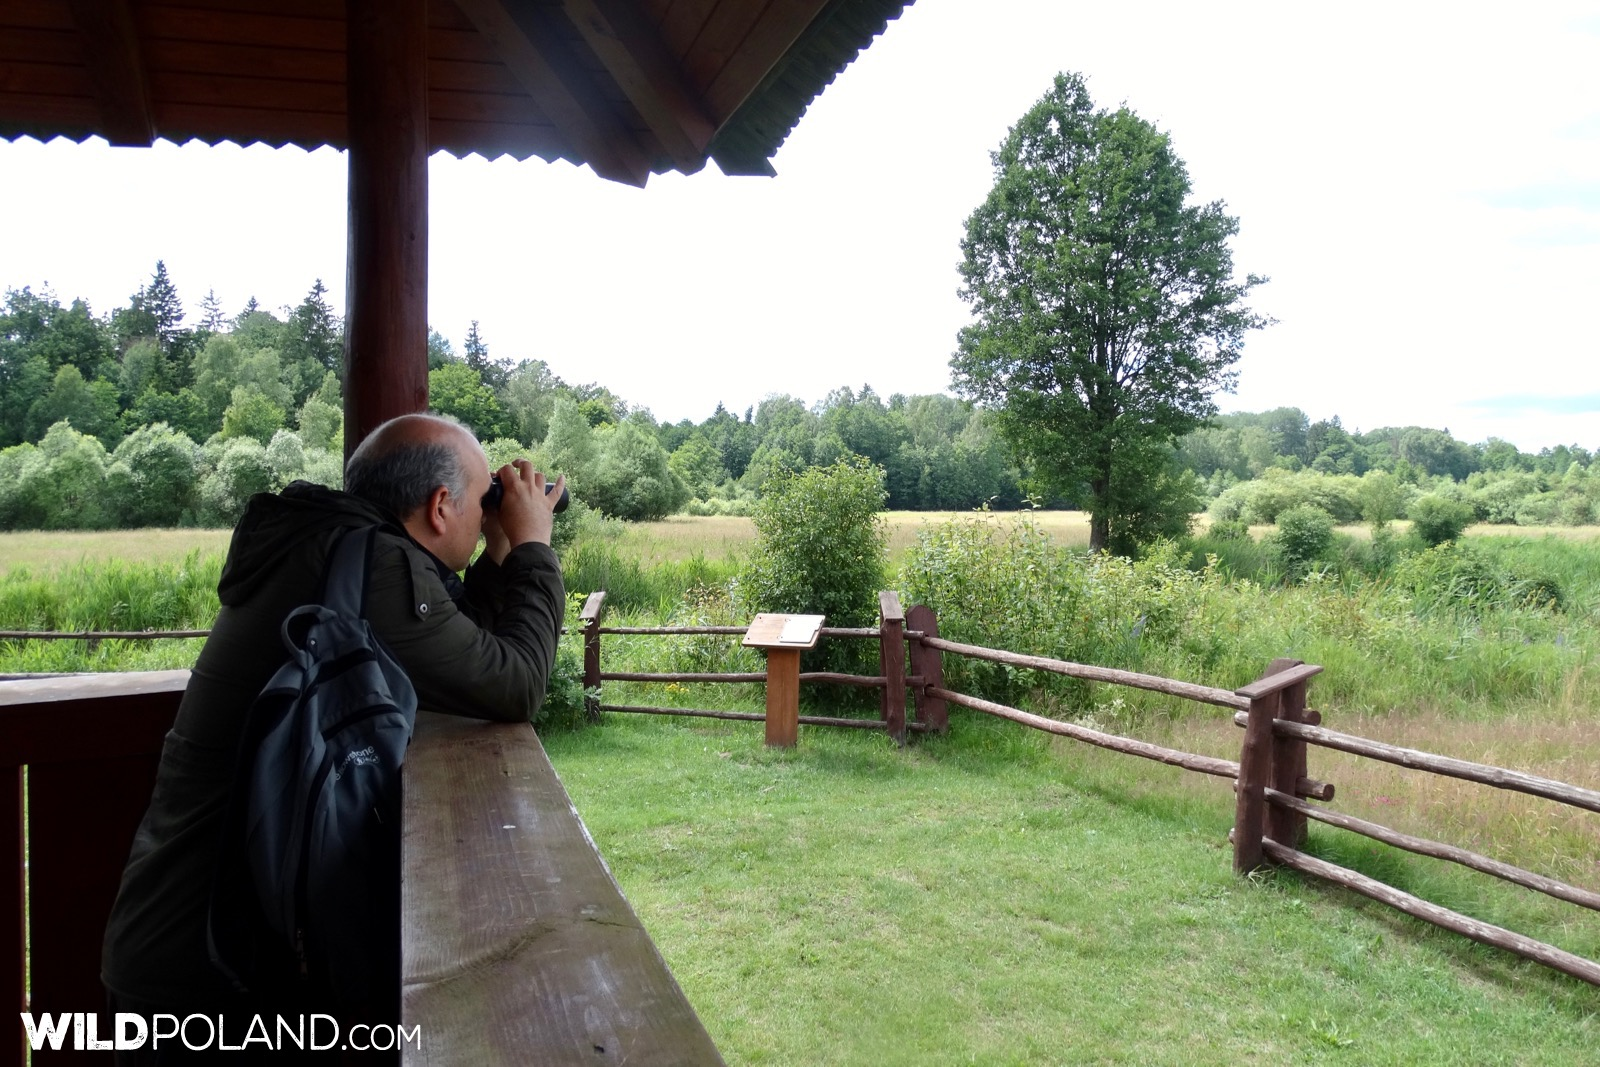 Wildlife watching with Wild Poland, photo by Piotr Dębowski